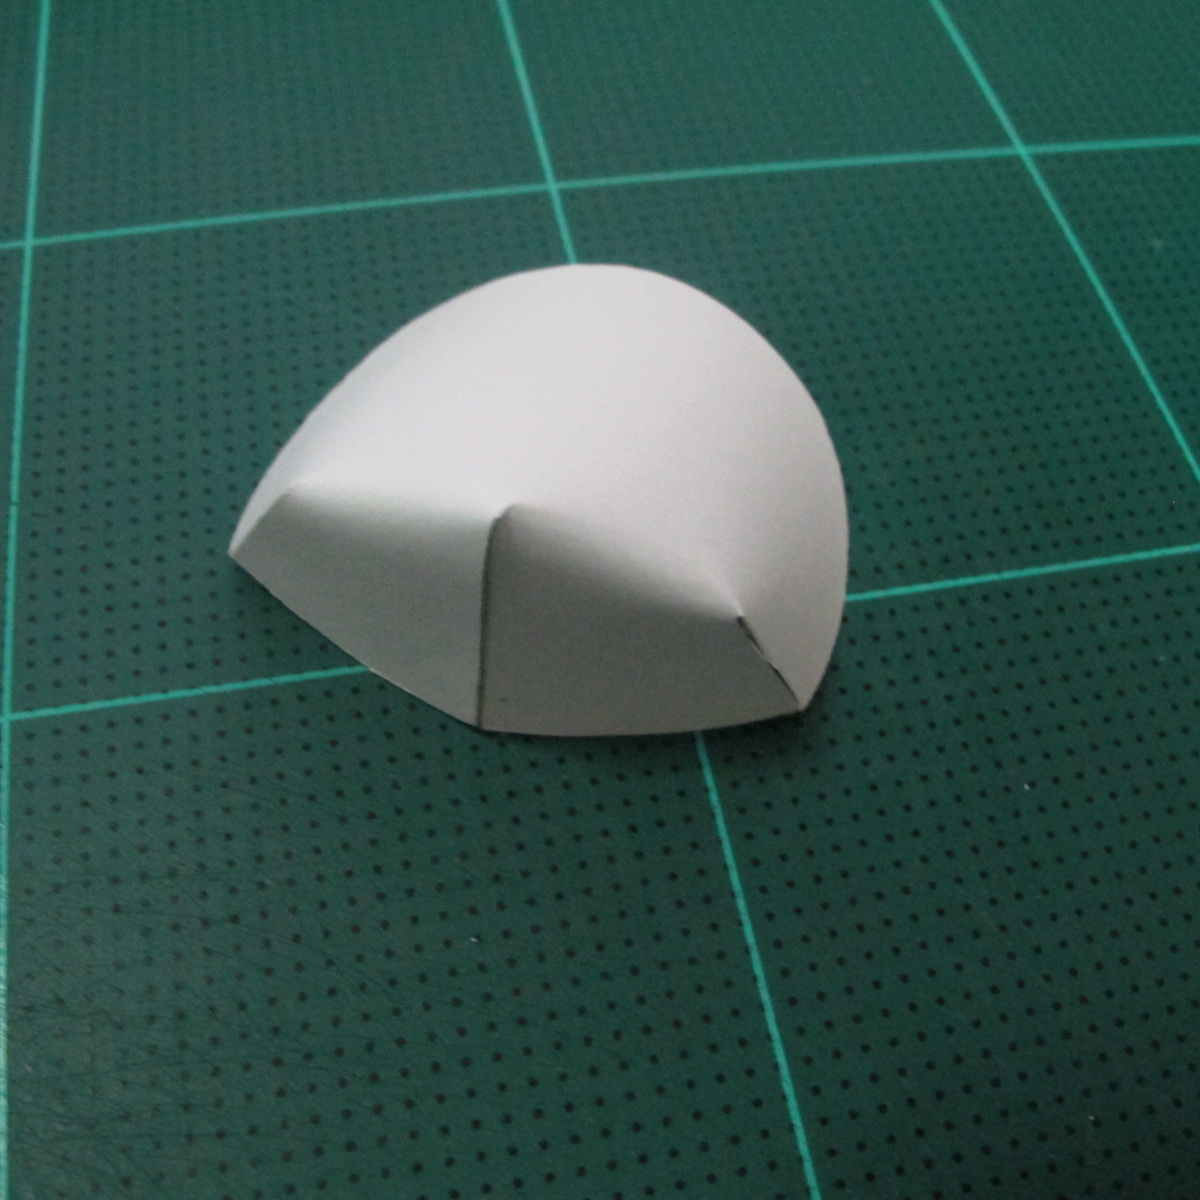 วิธีทำโมเดลกระดาษรูปเต่าทองแบบง่ายๆ (Easy Ladybug Papercraft Model) 003